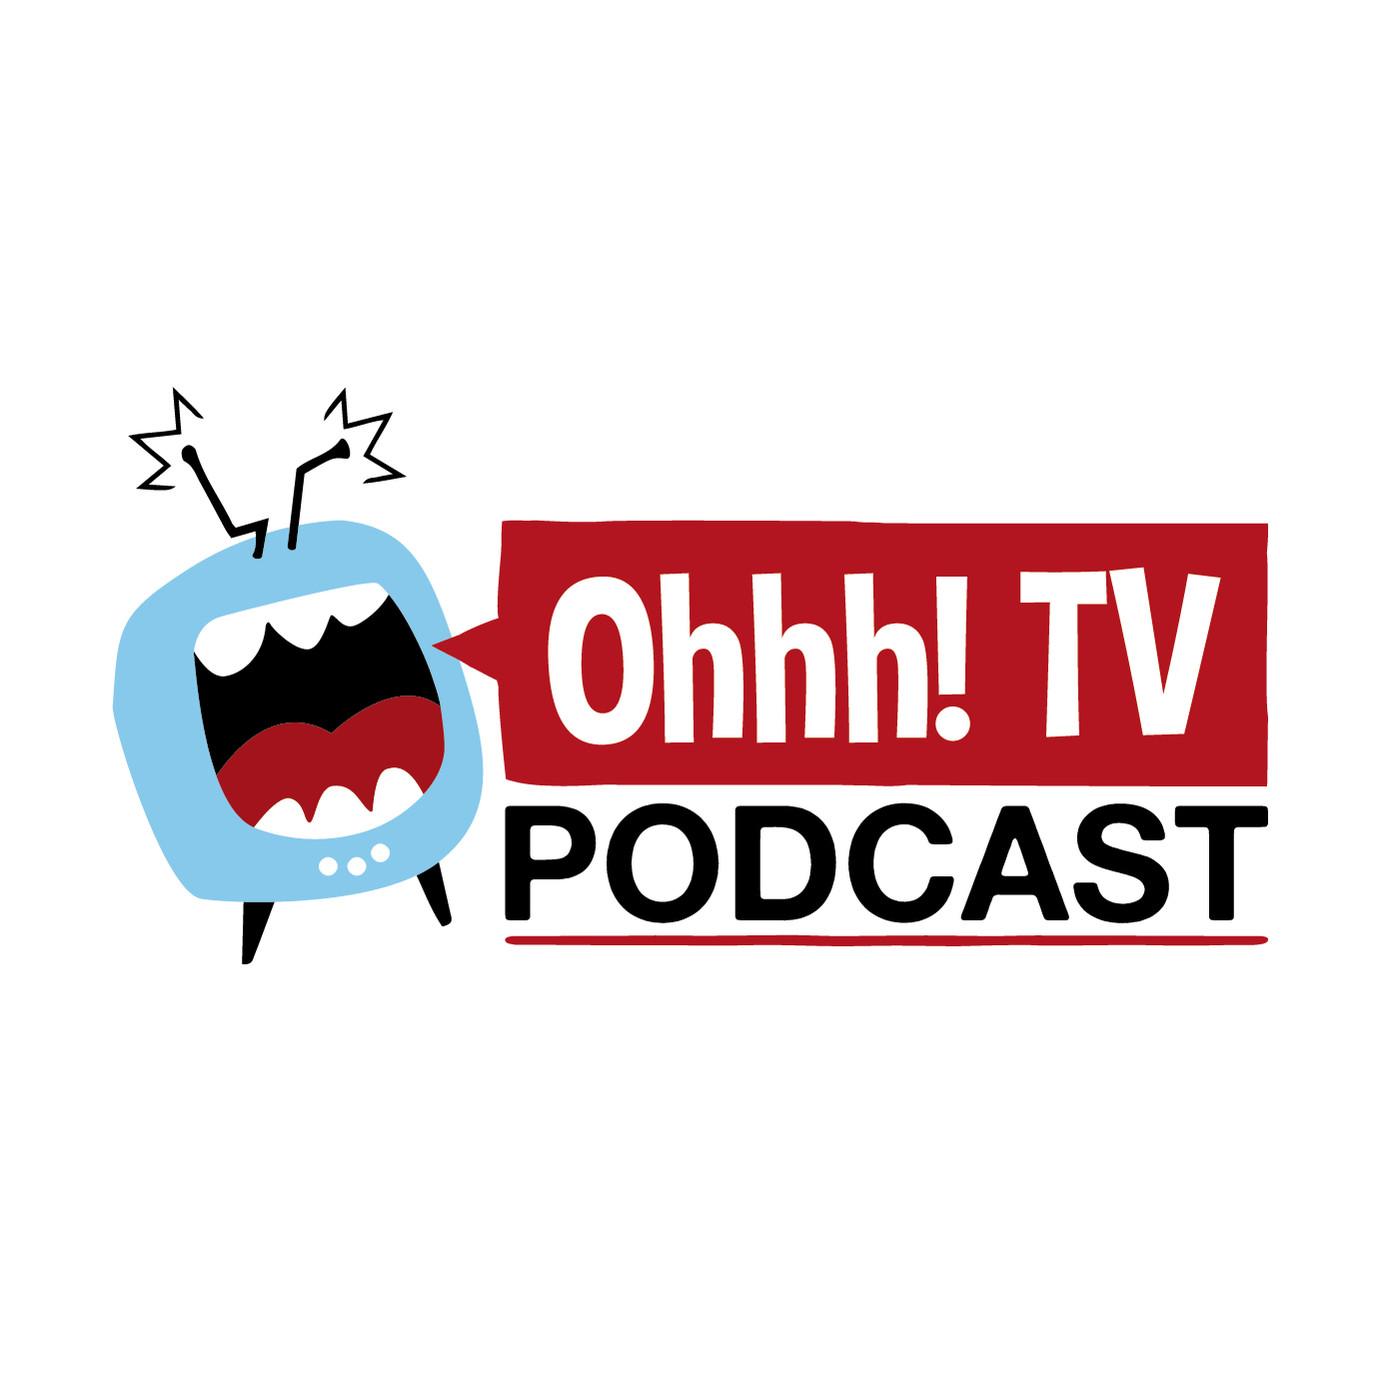 Temporada 04 - Ohhh! TV Podcast